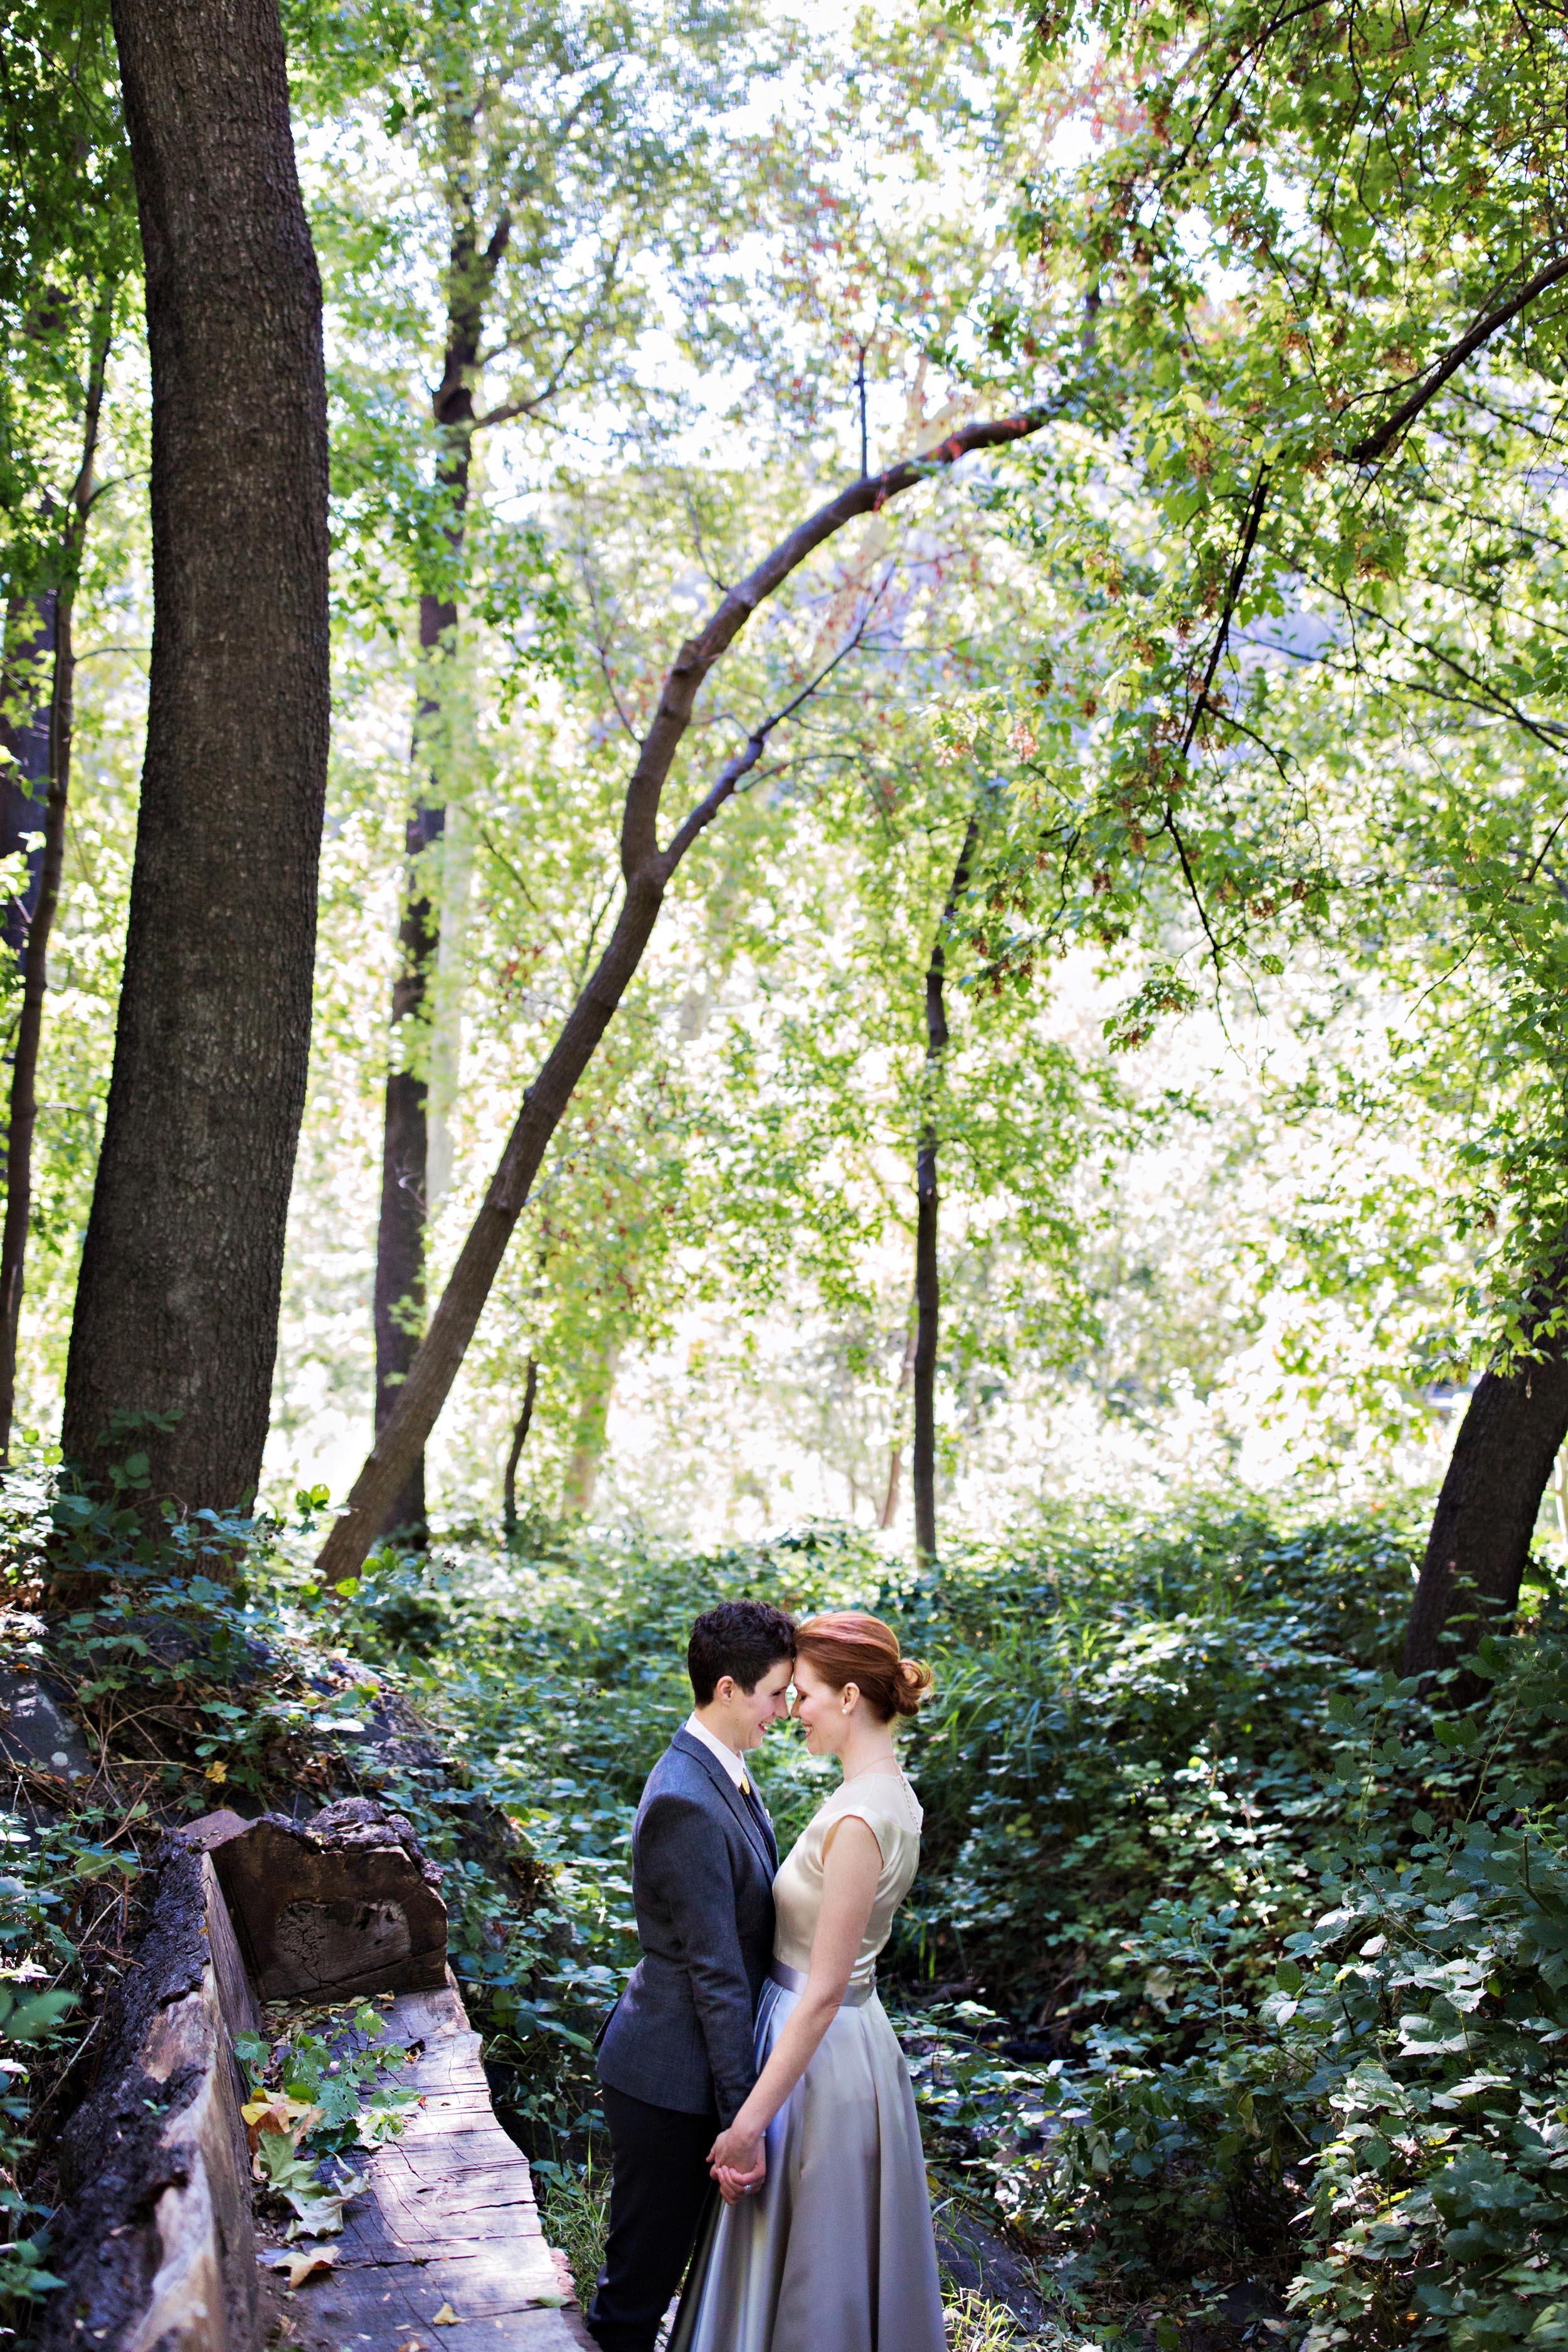 weddings-oakcreek-09.jpg